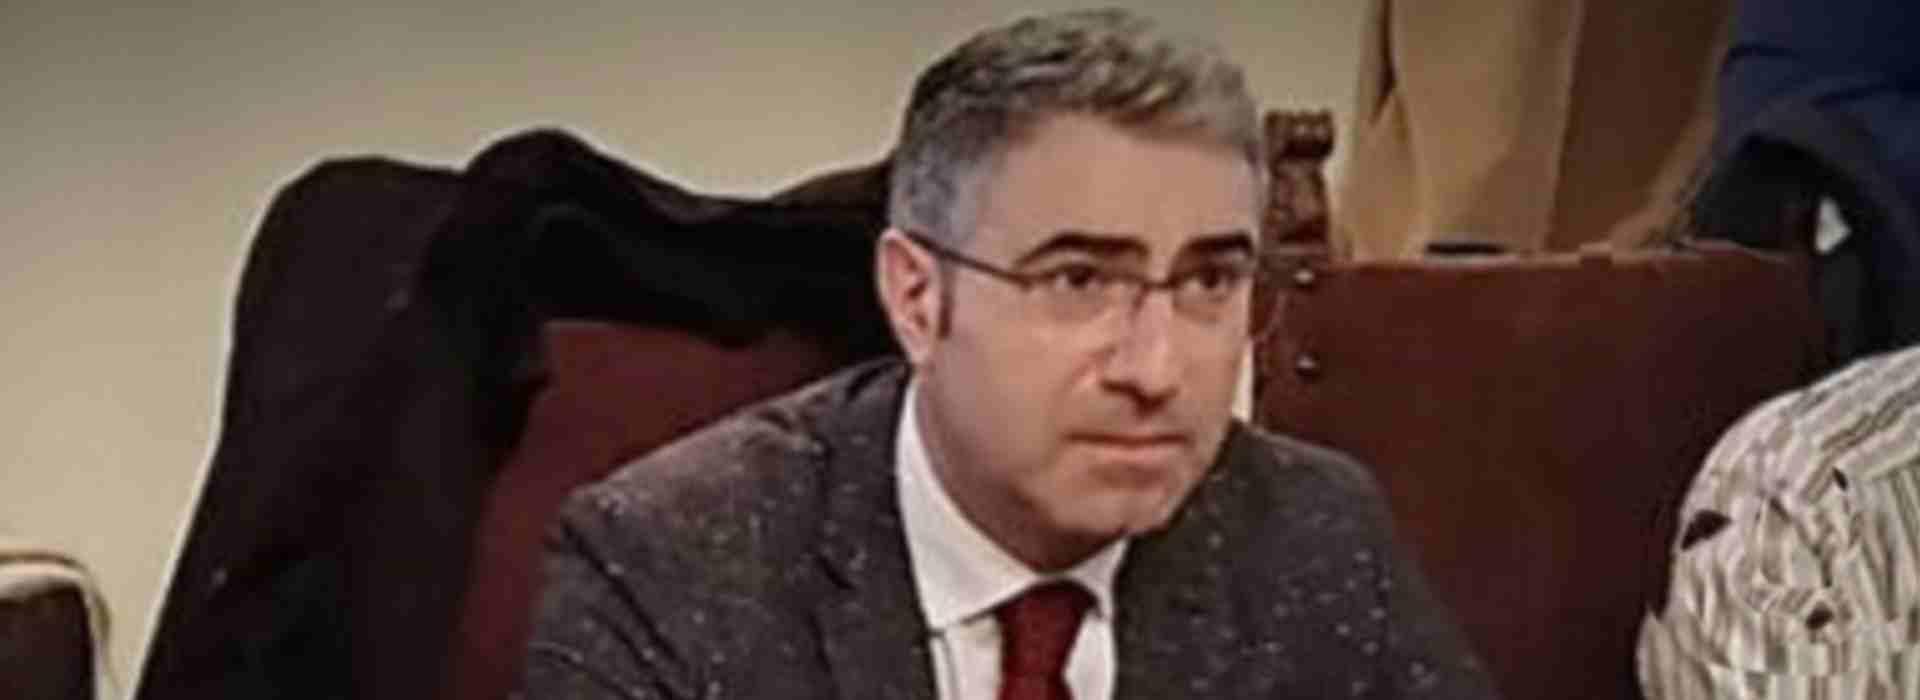 Asl Pescara: appalto pilotato per 11milioni di euro. Gioielli e orologi in regalo al dirigente medico